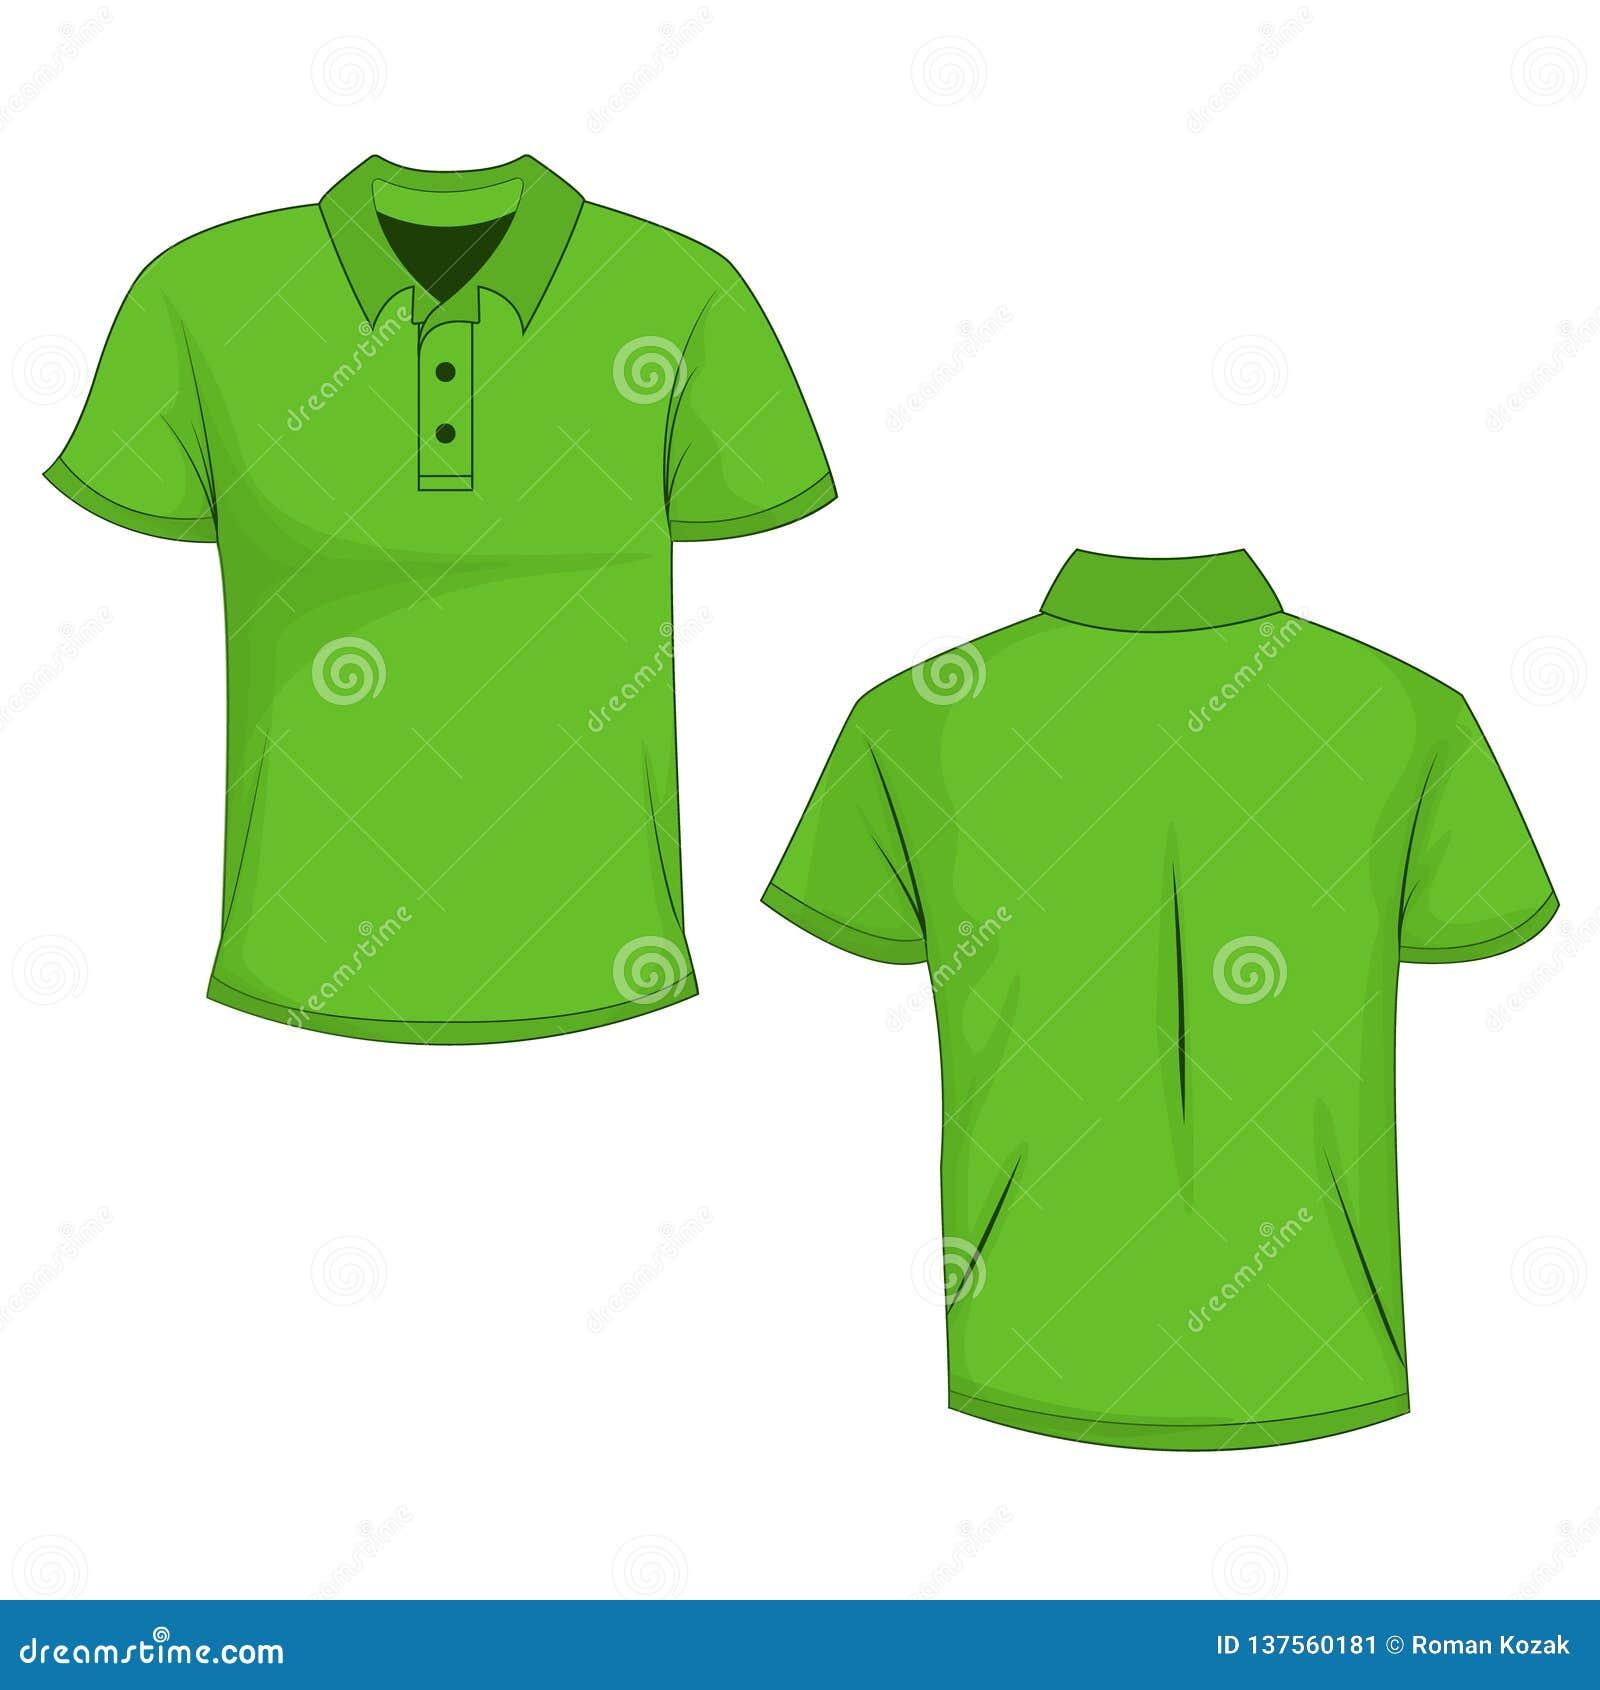 Πράσινο πόλο, χλεύη μπλουζών επάνω, μπροστινή και πίσω άποψη, που απομονώνεται στο άσπρο υπόβαθρο